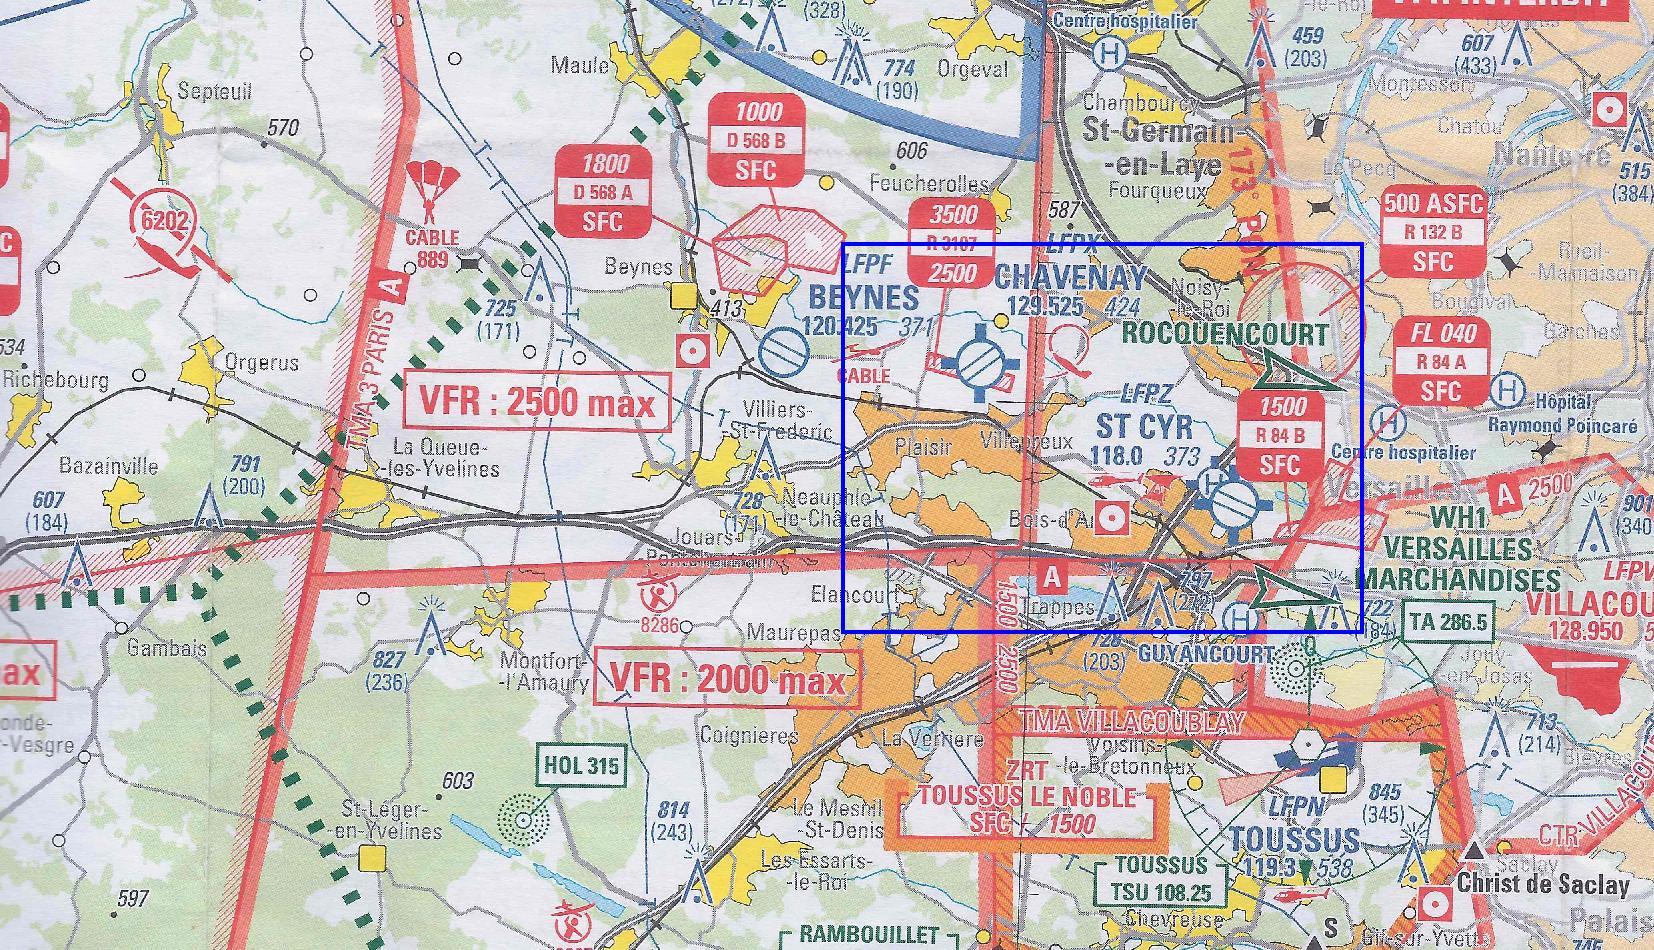 Carte Aeronautique Region Parisienne.Saint Cyr Dossier Environnement Version 1 0 Les Cartes